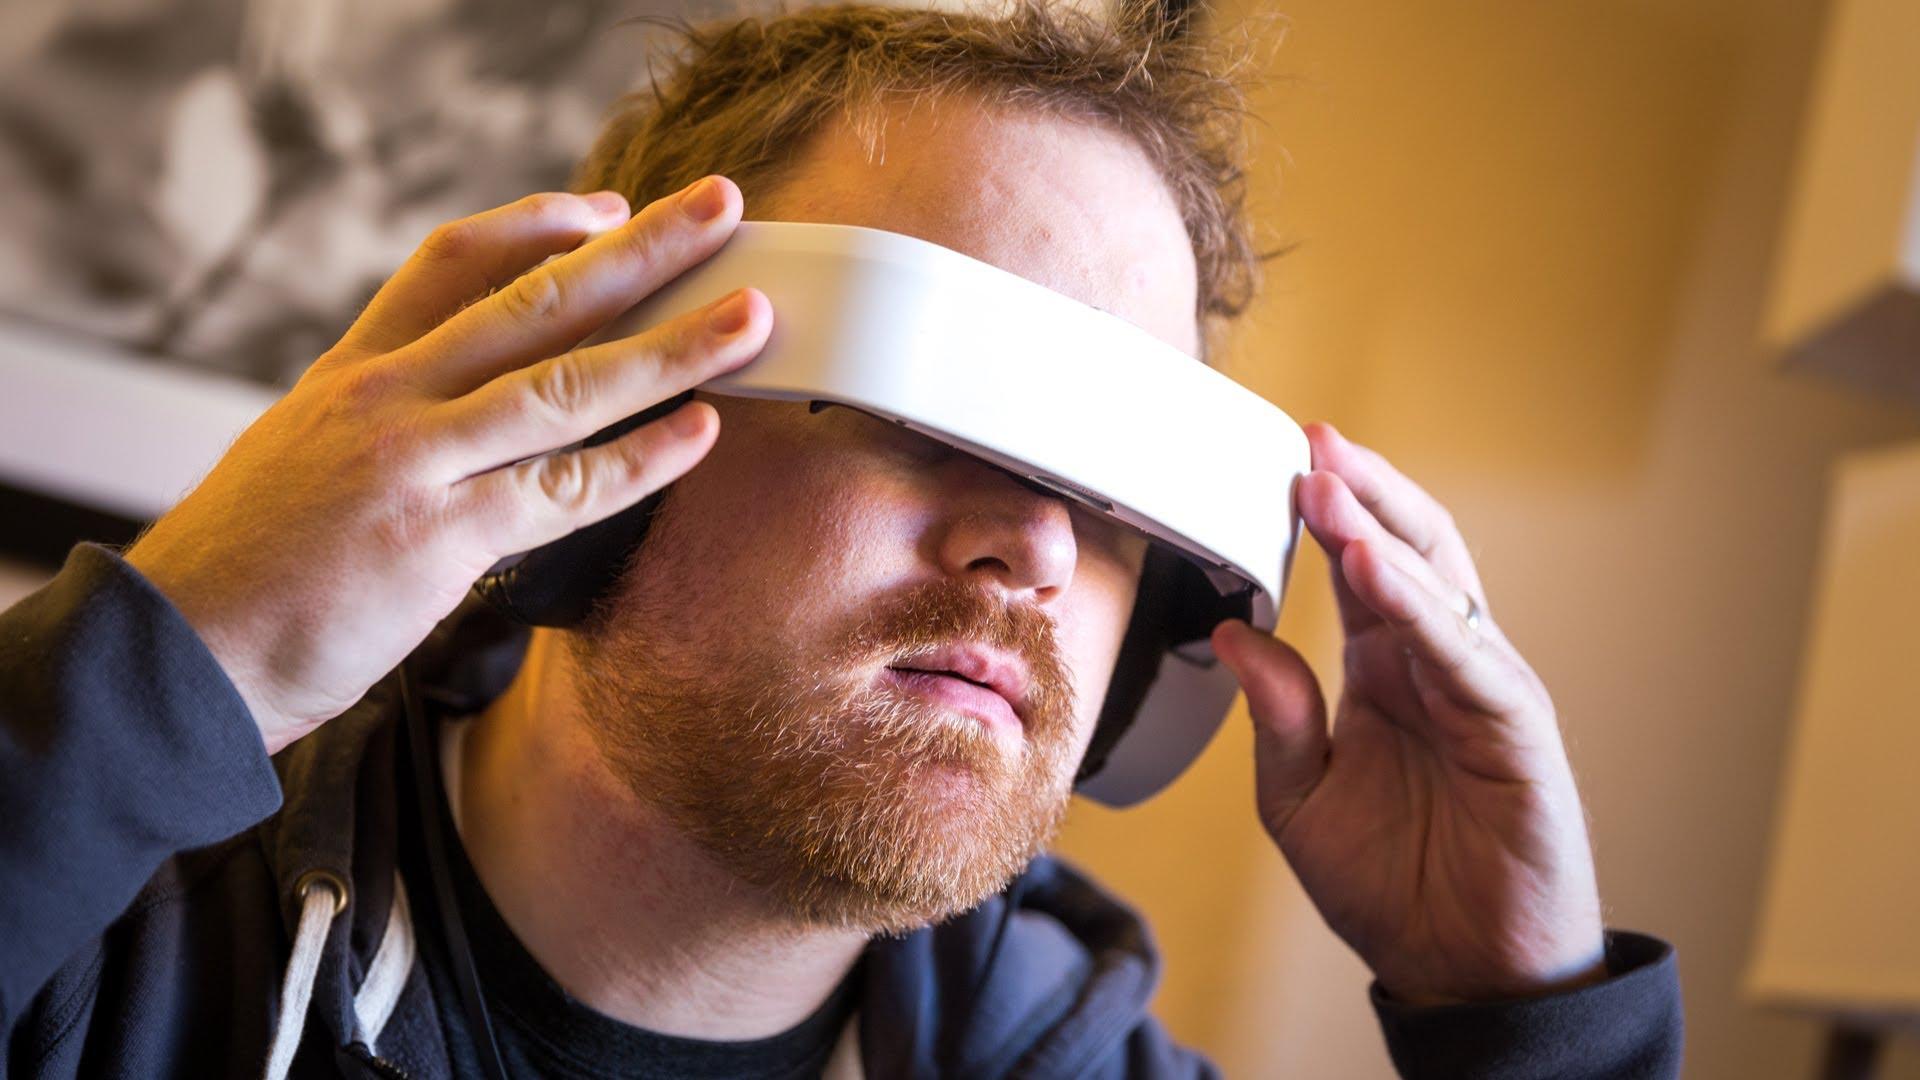 Сравнение очков виртуальной реальности